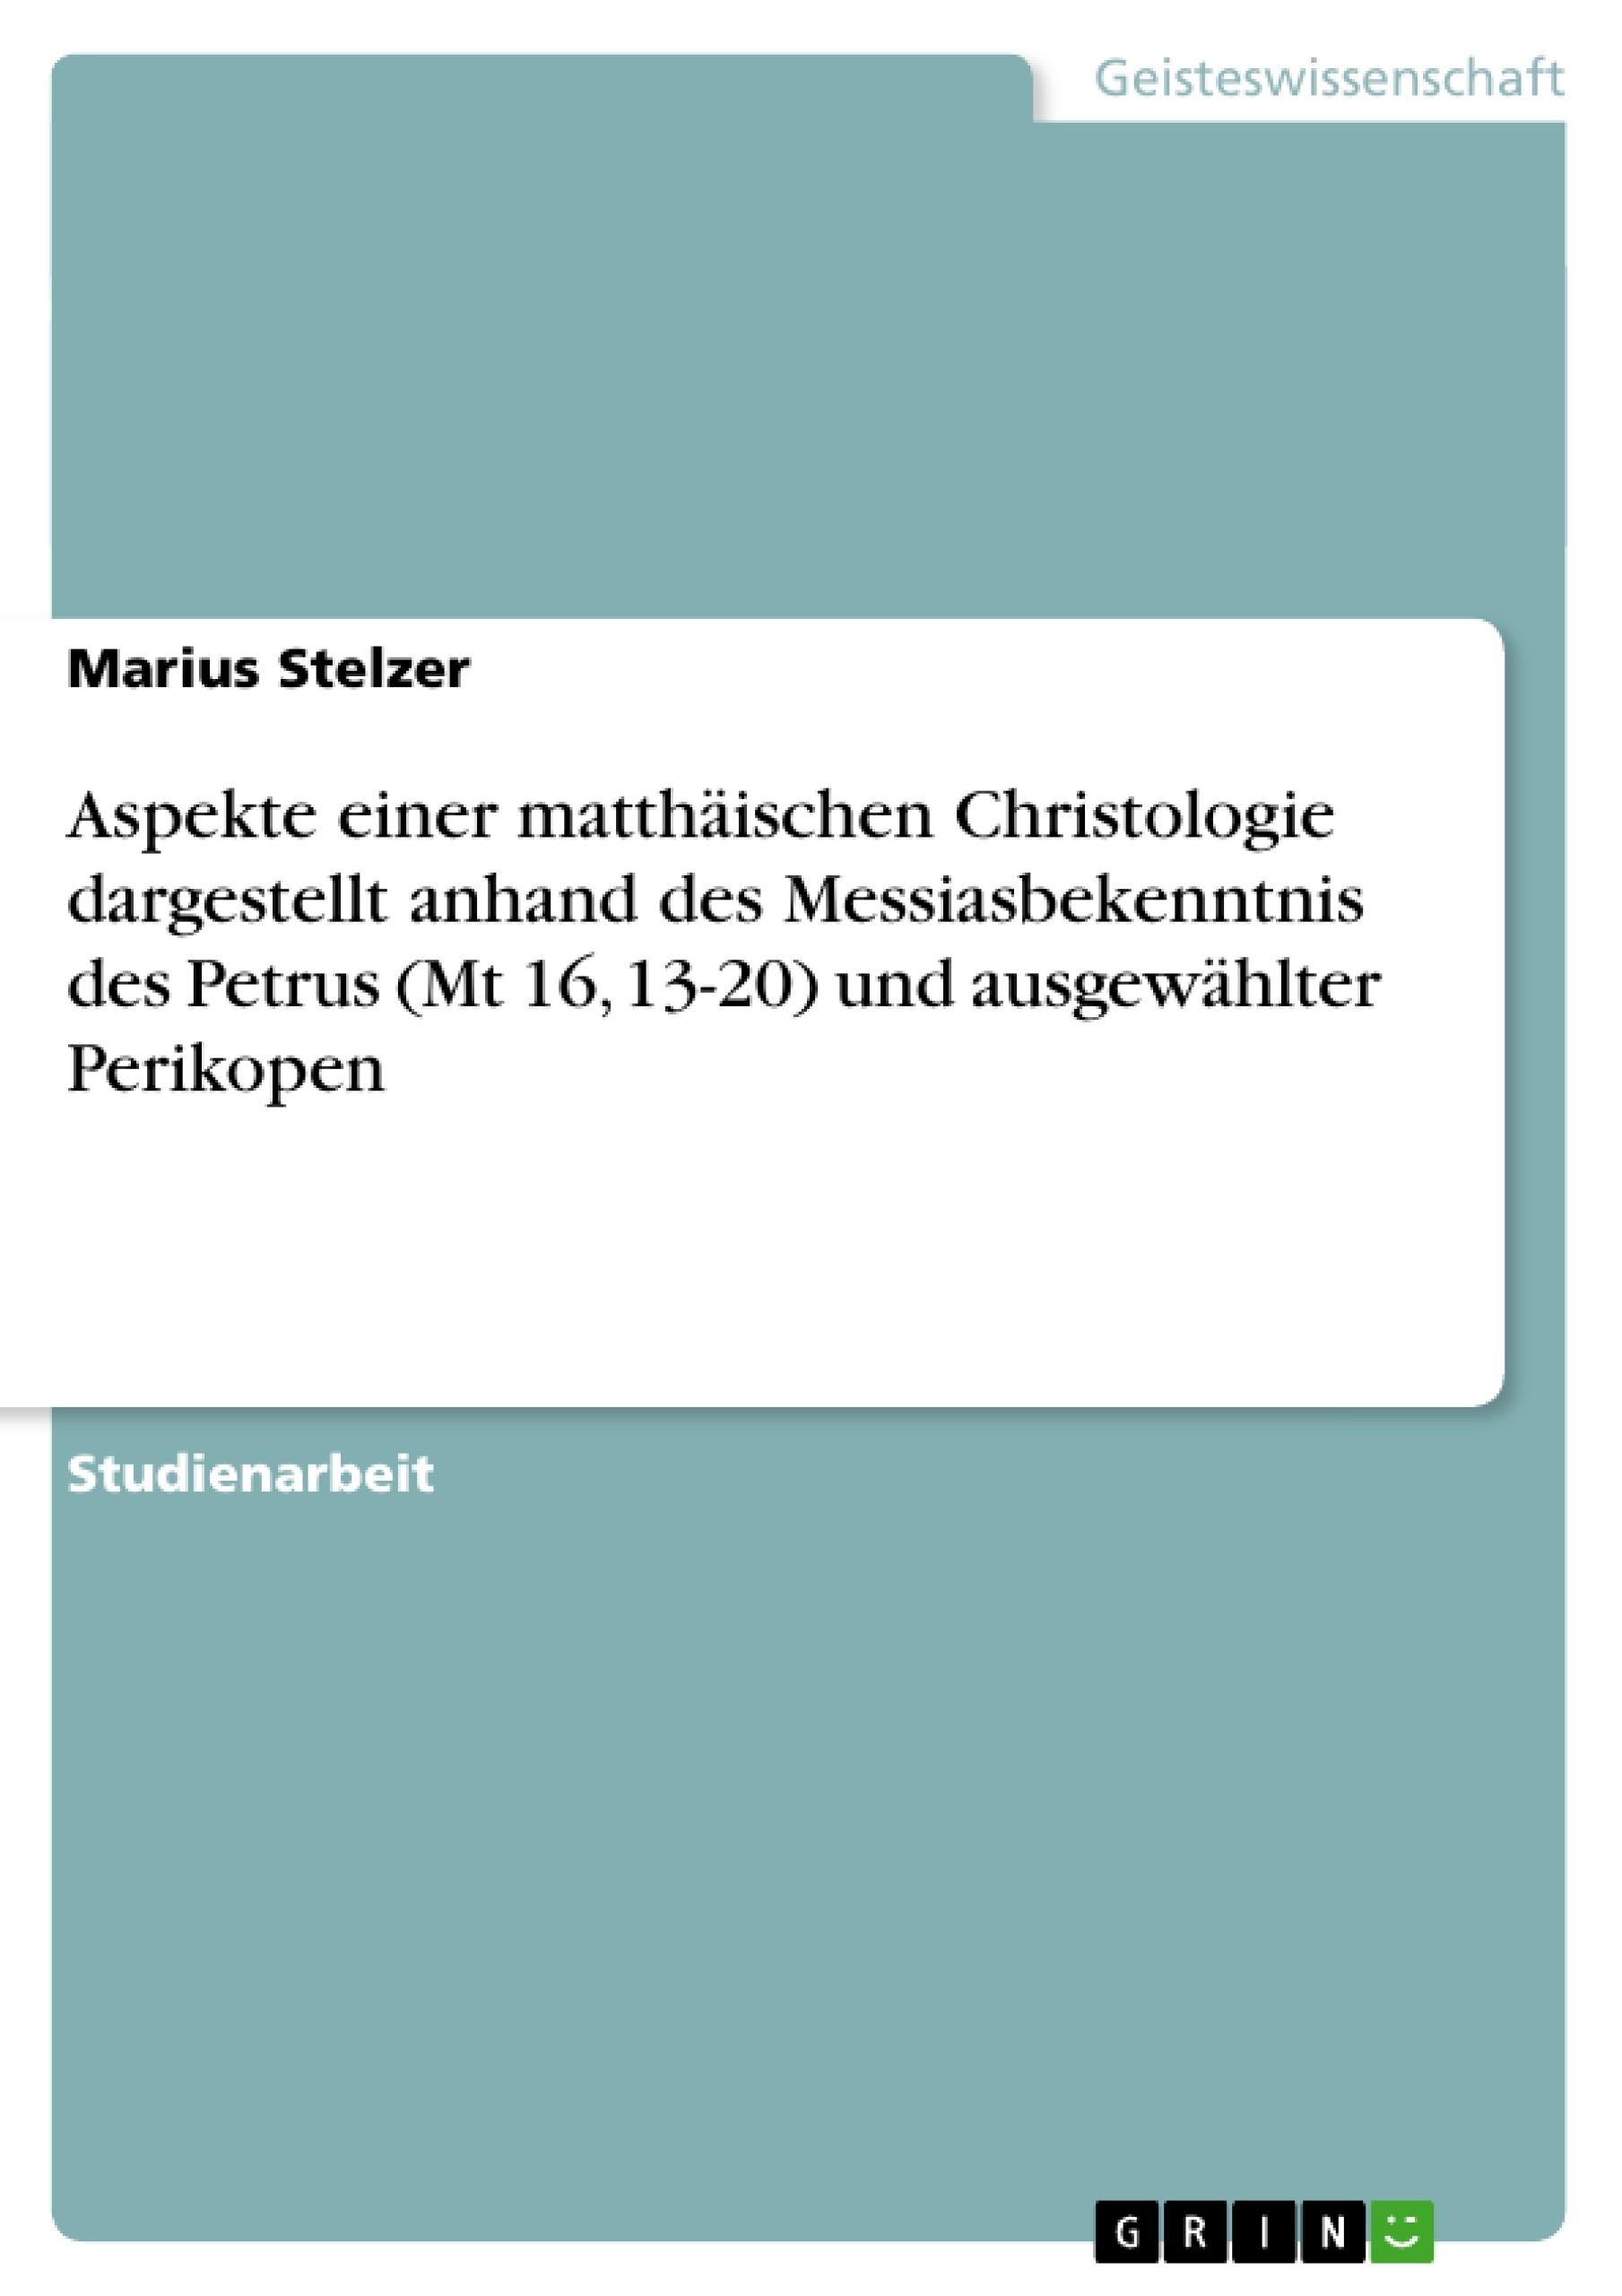 Titel: Aspekte einer matthäischen Christologie dargestellt anhand des Messiasbekenntnis des Petrus (Mt 16, 13-20) und ausgewählter Perikopen